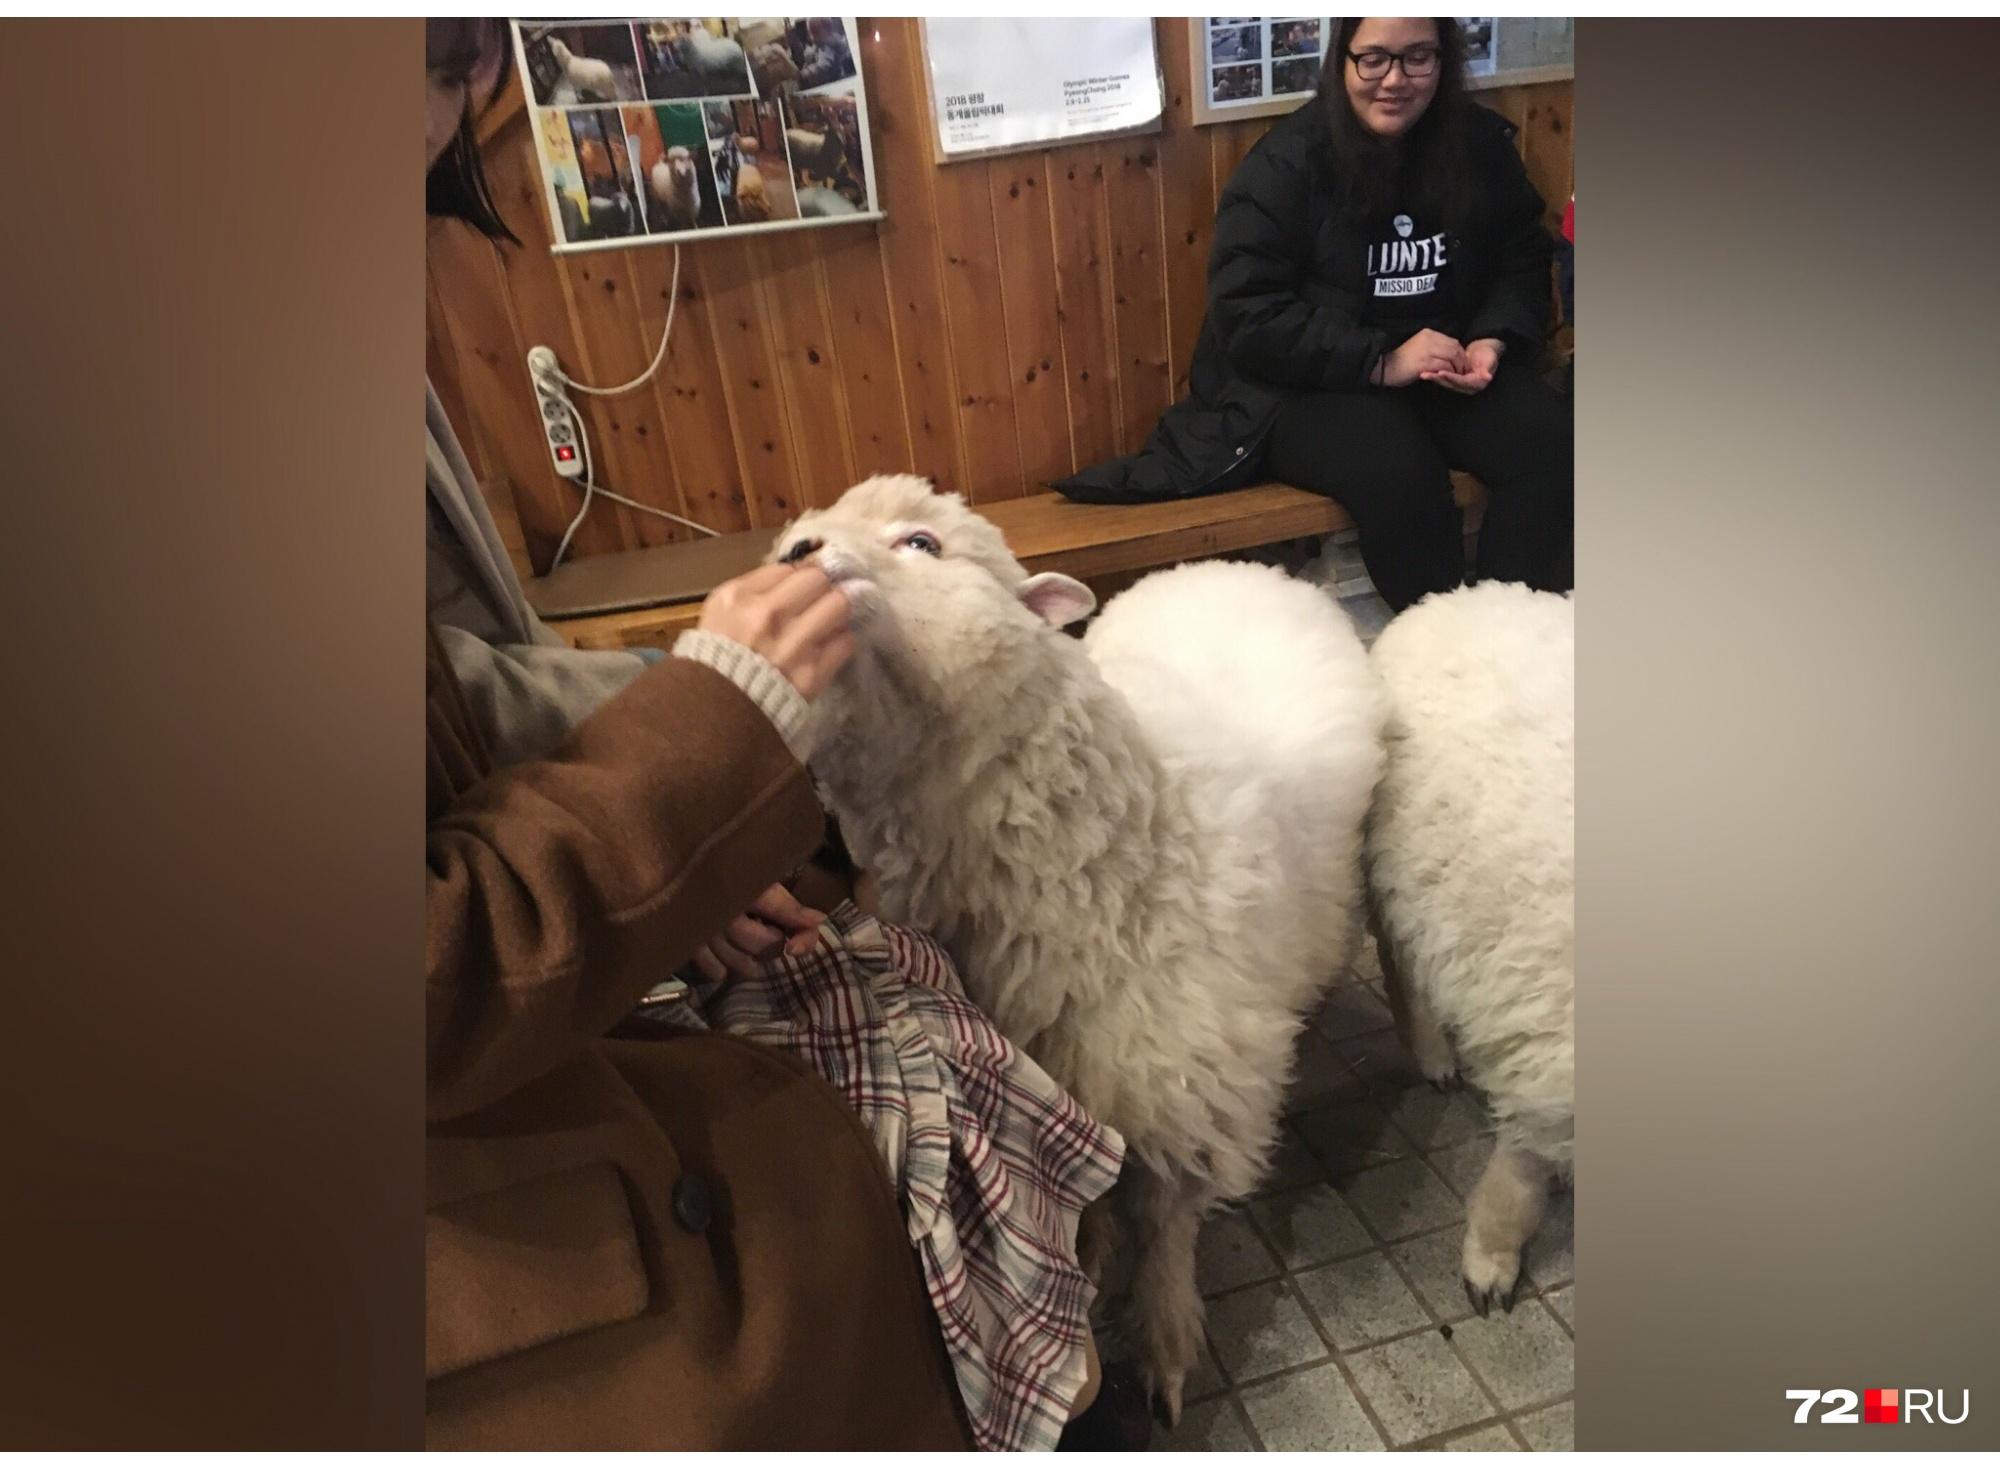 Те самые овечки. Обожают, когда их глядят и нежно обнимают